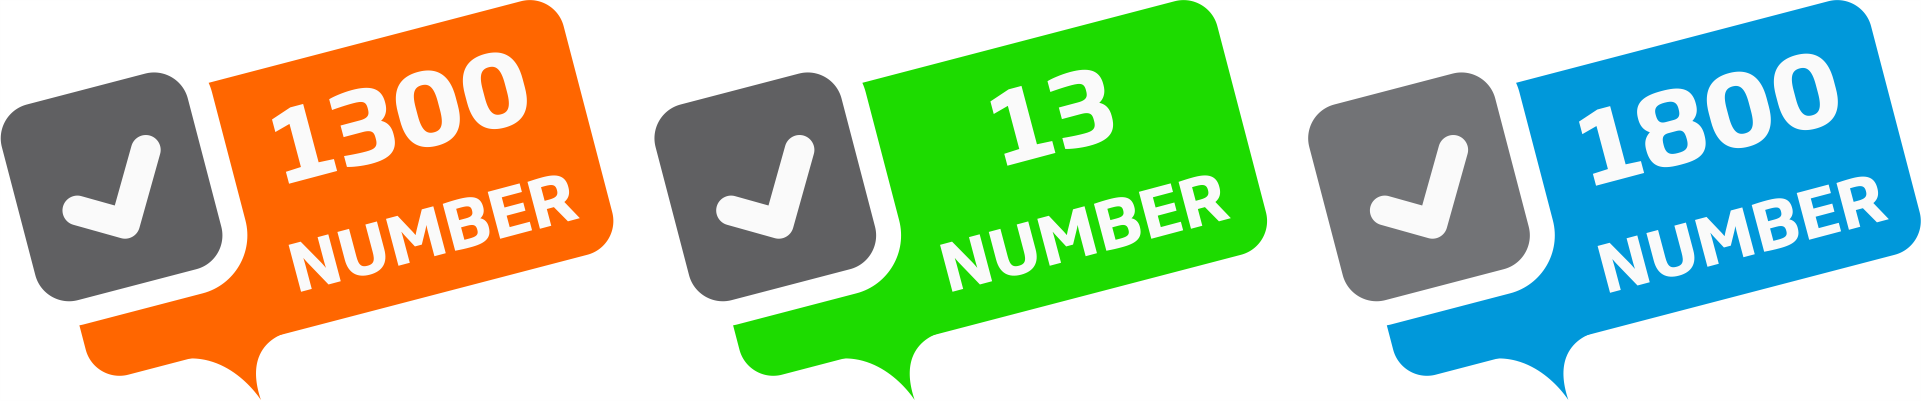 free-13-1300-1800-numbers-hero-180717.png